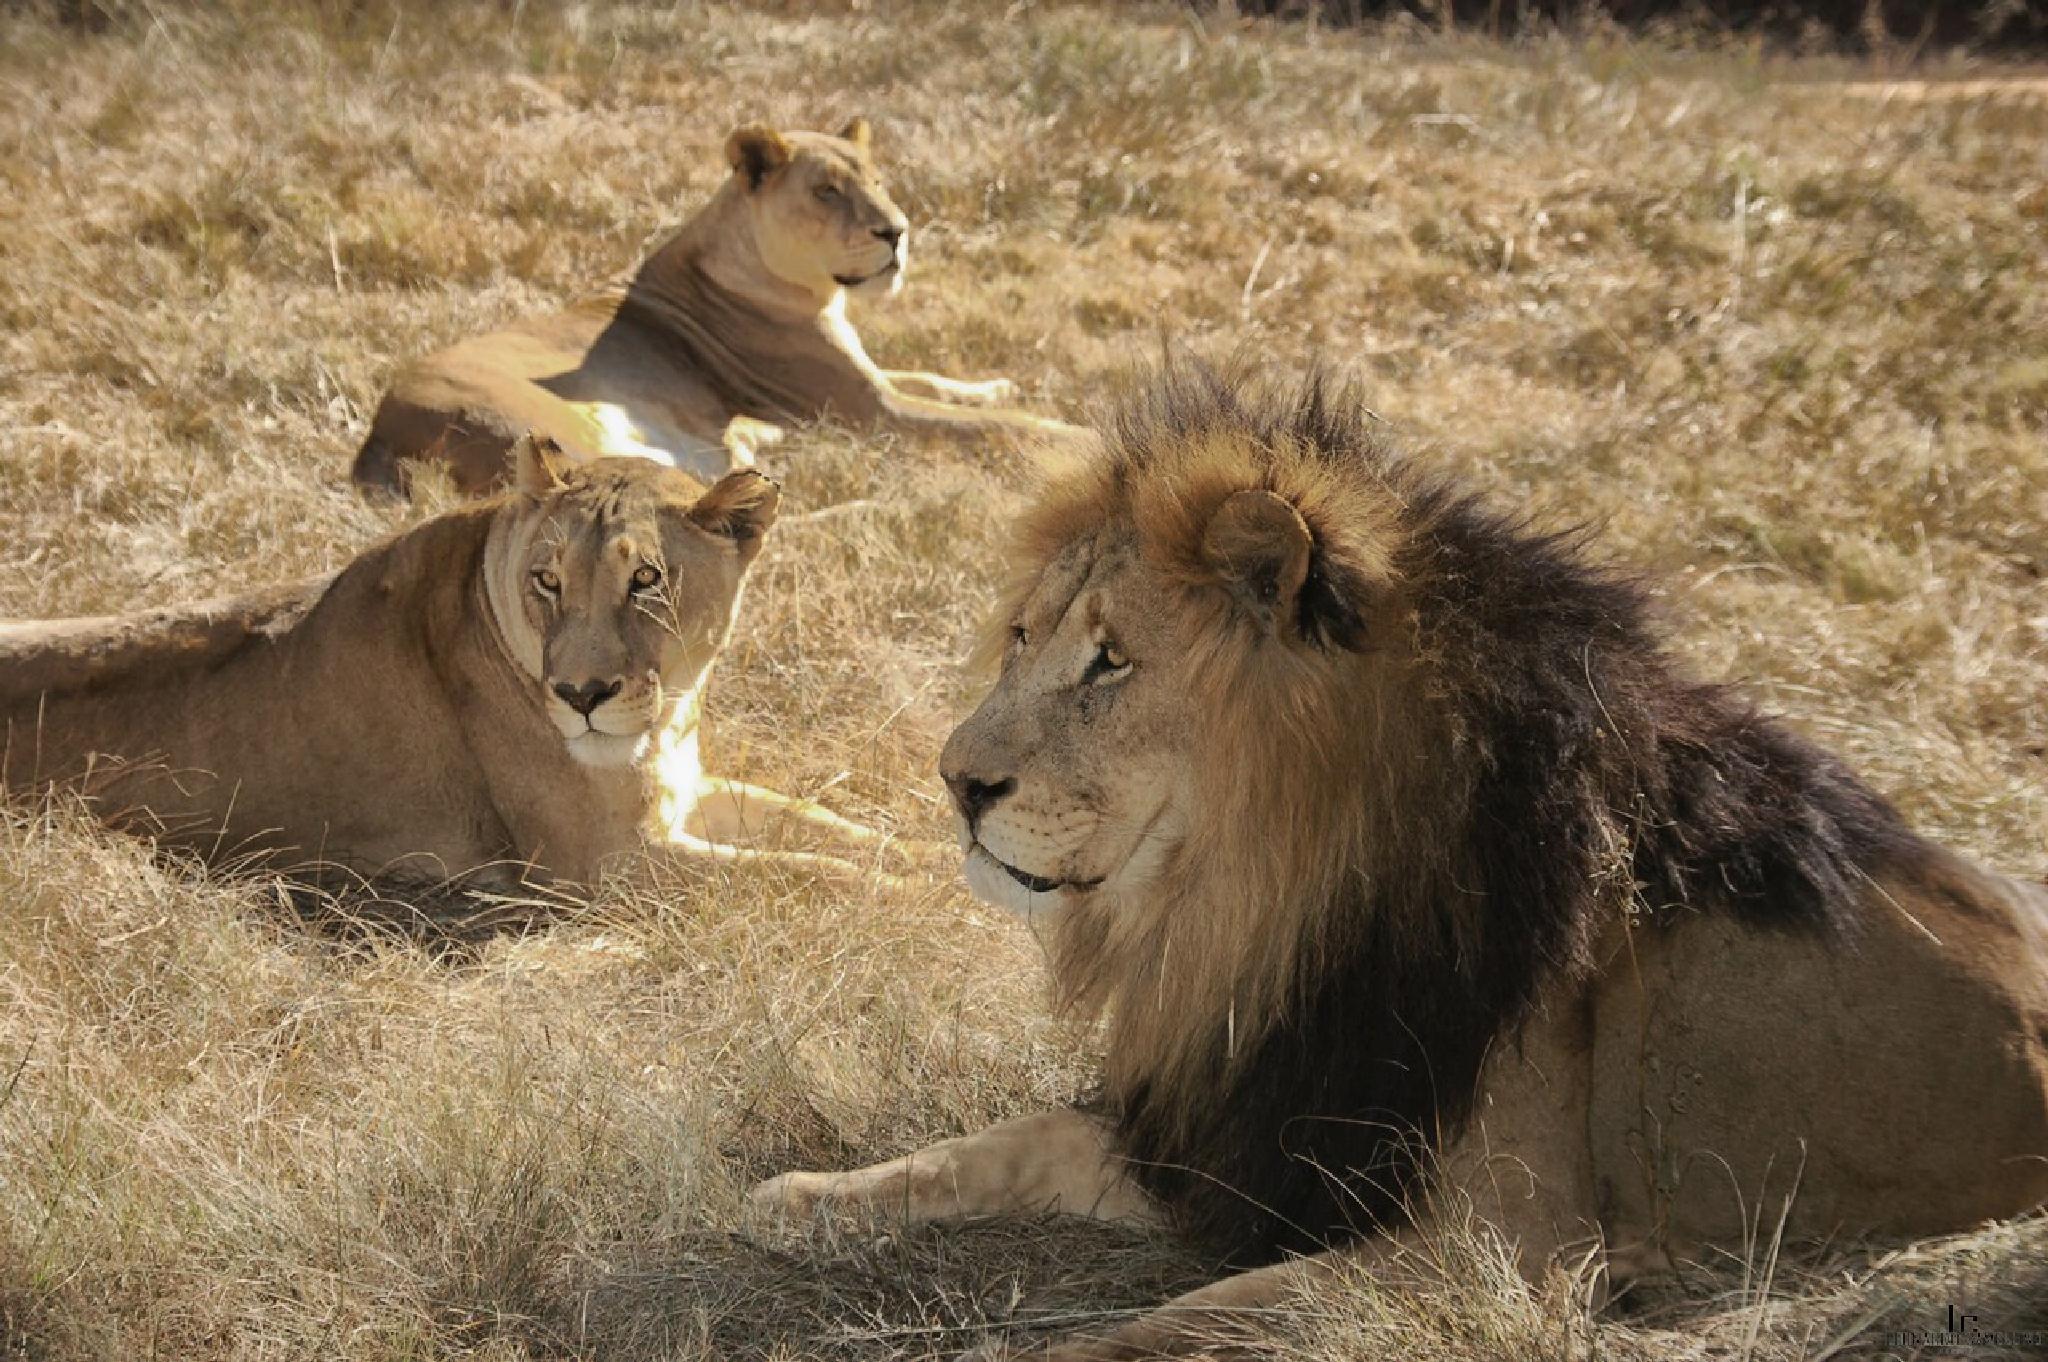 Lions in Kruger National Park by leonardocamellino